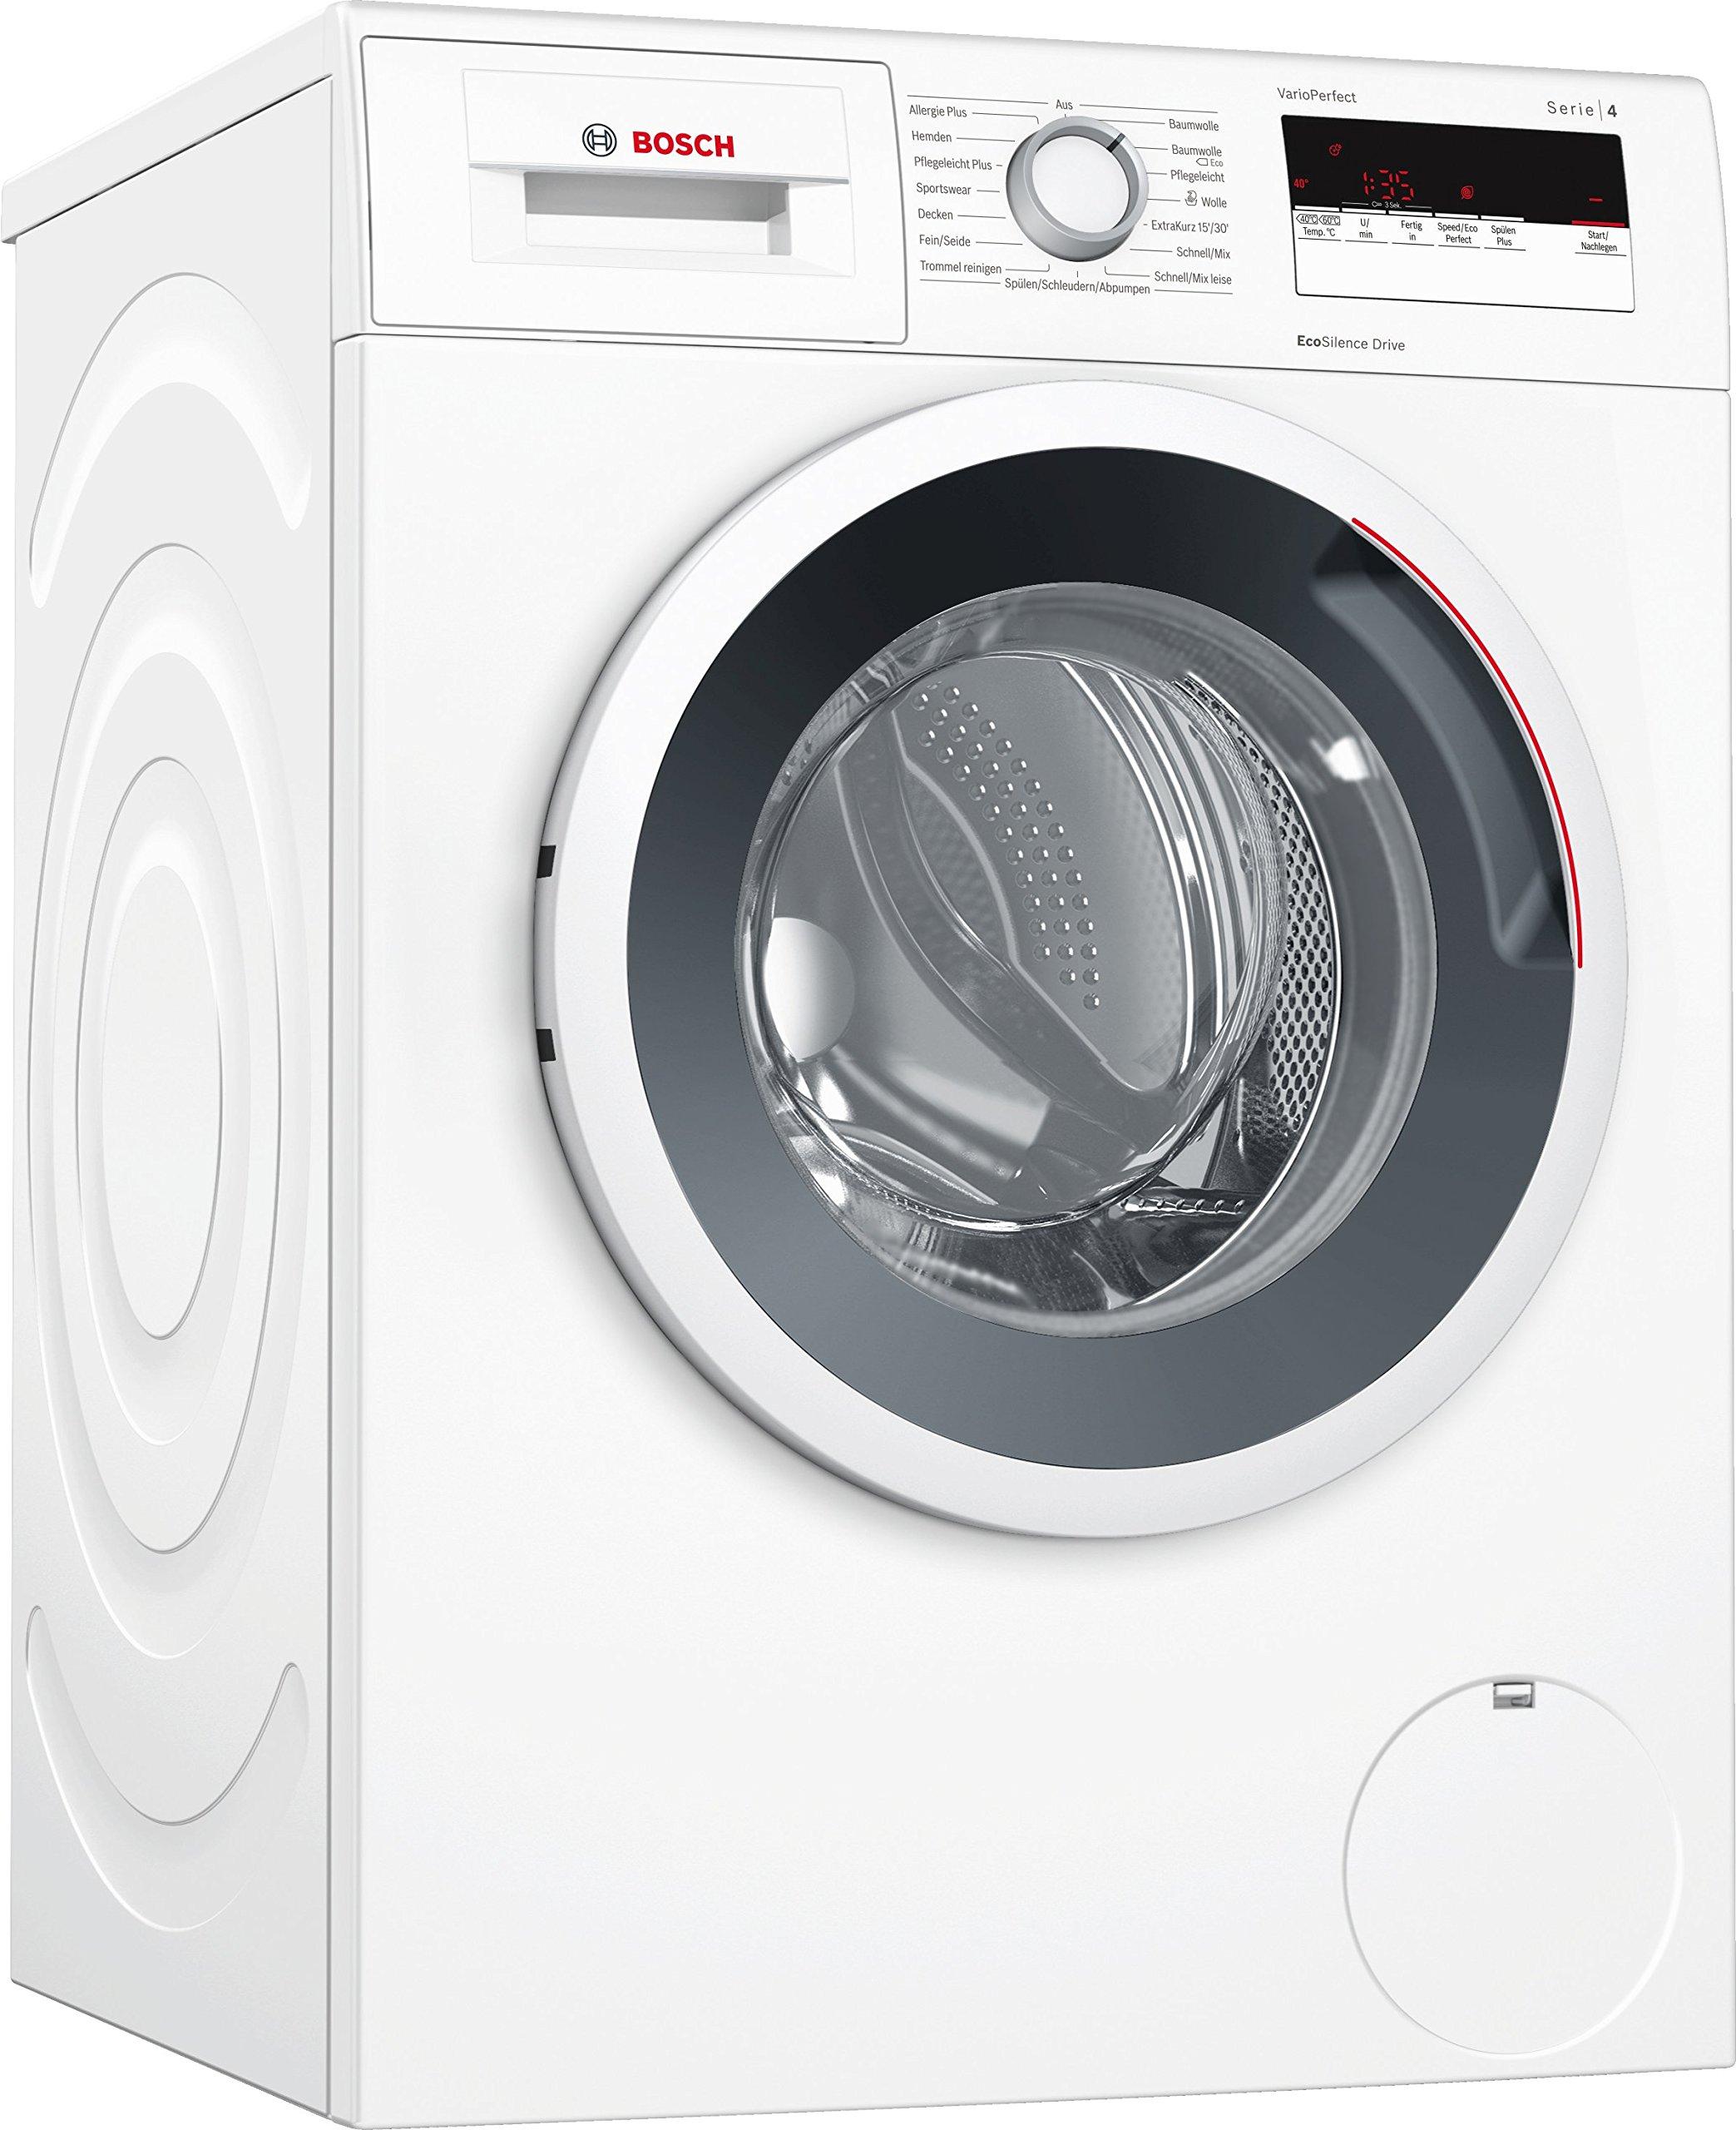 Bosch WAN28121 Serie 4 Waschmaschine Frontlader, 7 kg Füllmenge, EcoSilence Drive, weiß